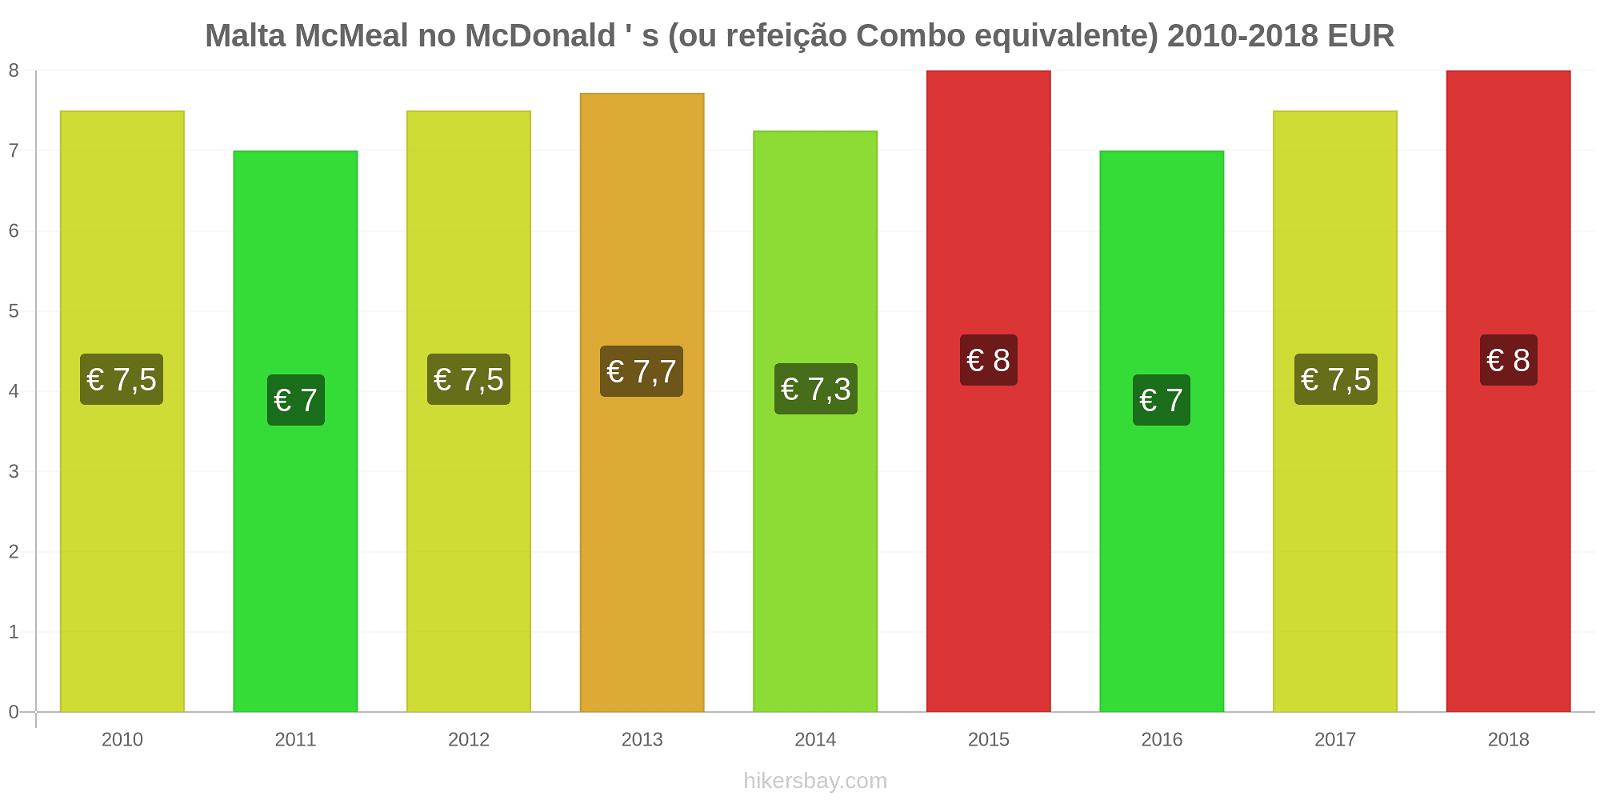 Malta variação de preço McMeal no McDonald ' s (ou refeição Combo equivalente) hikersbay.com